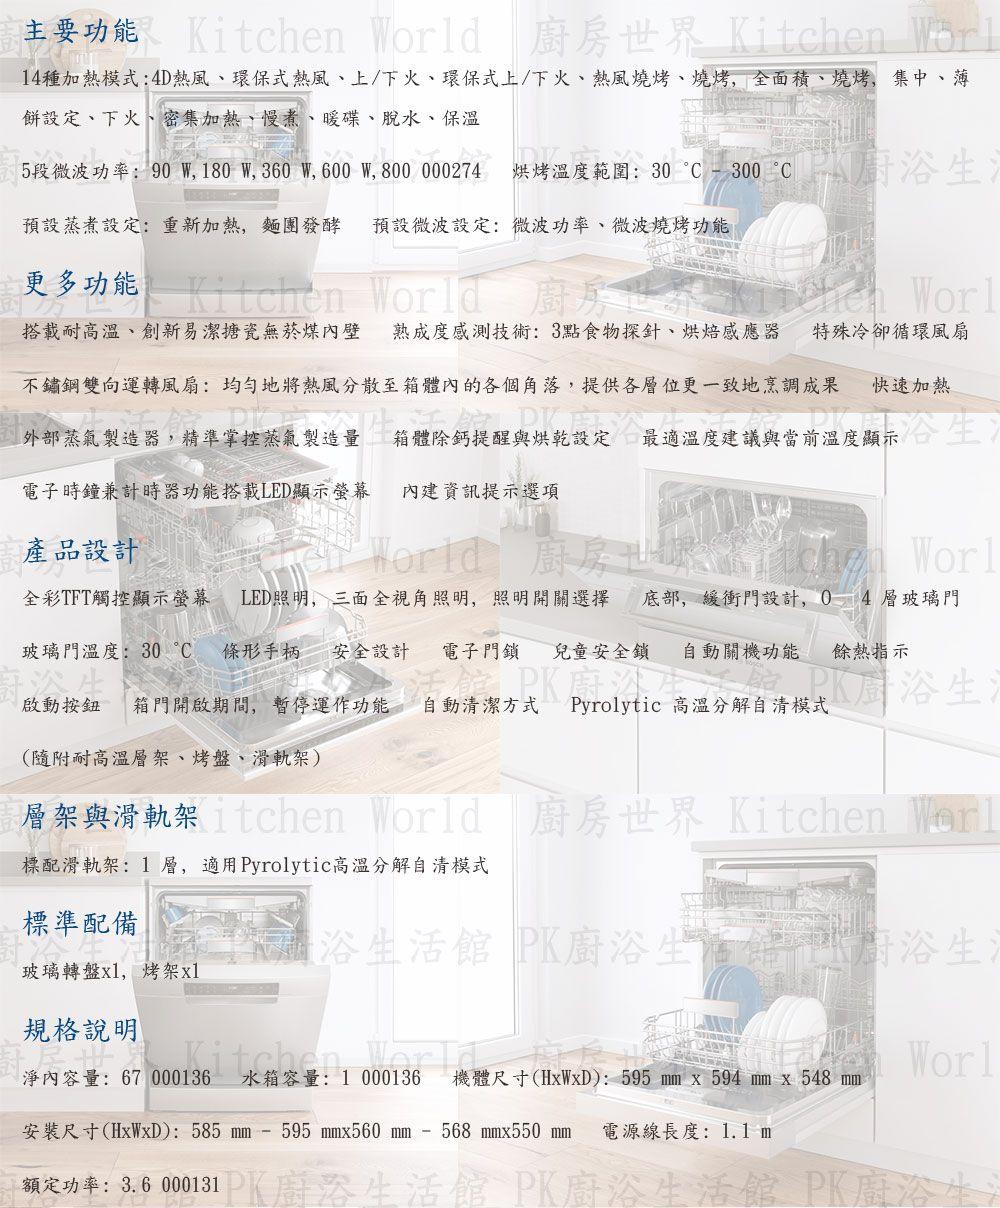 goods/BOSCH/Oven/HNG6764S1-3.jpg